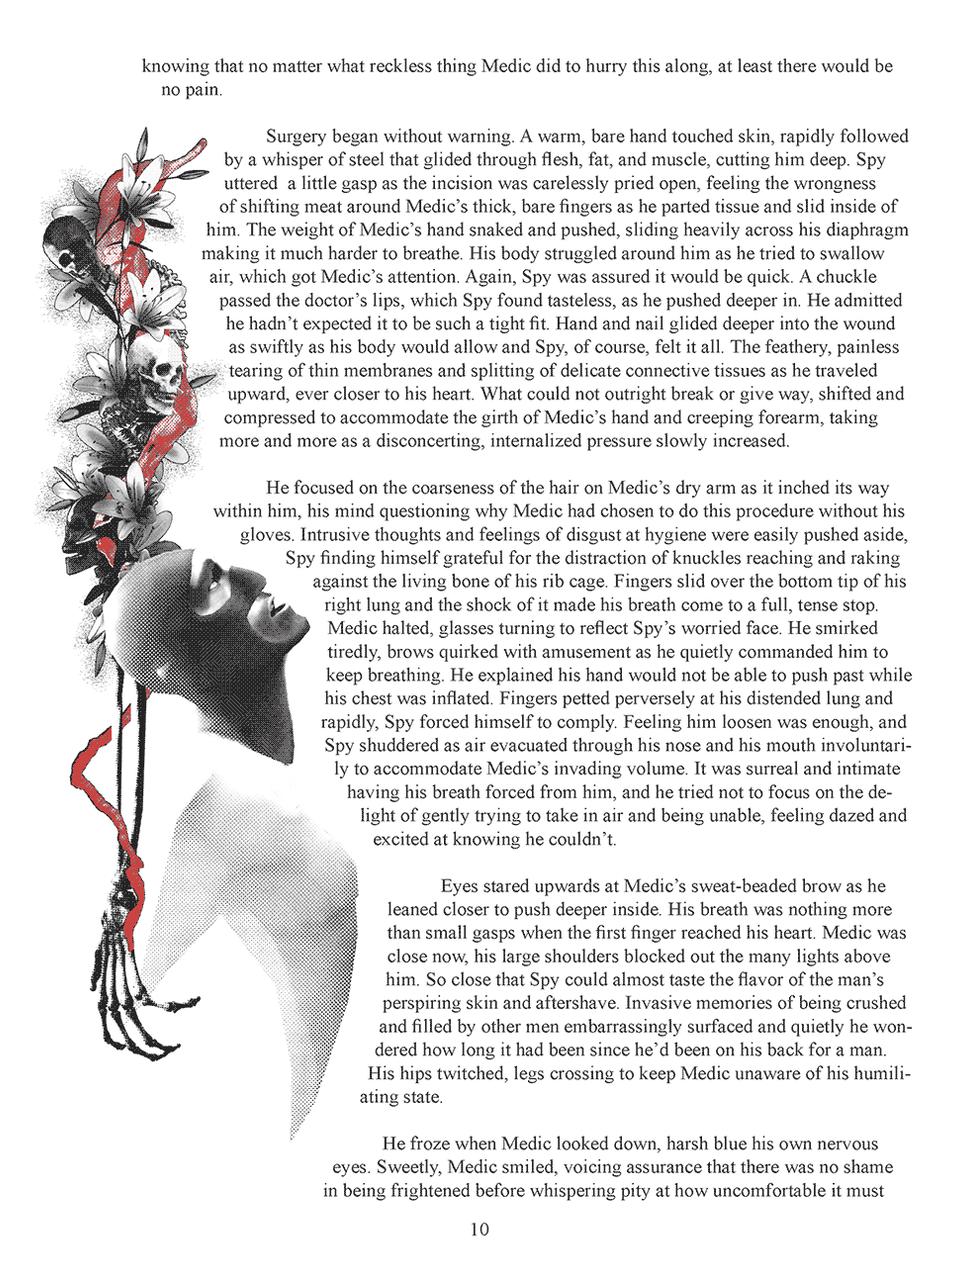 FINALtf2gorezine_Page_10.png